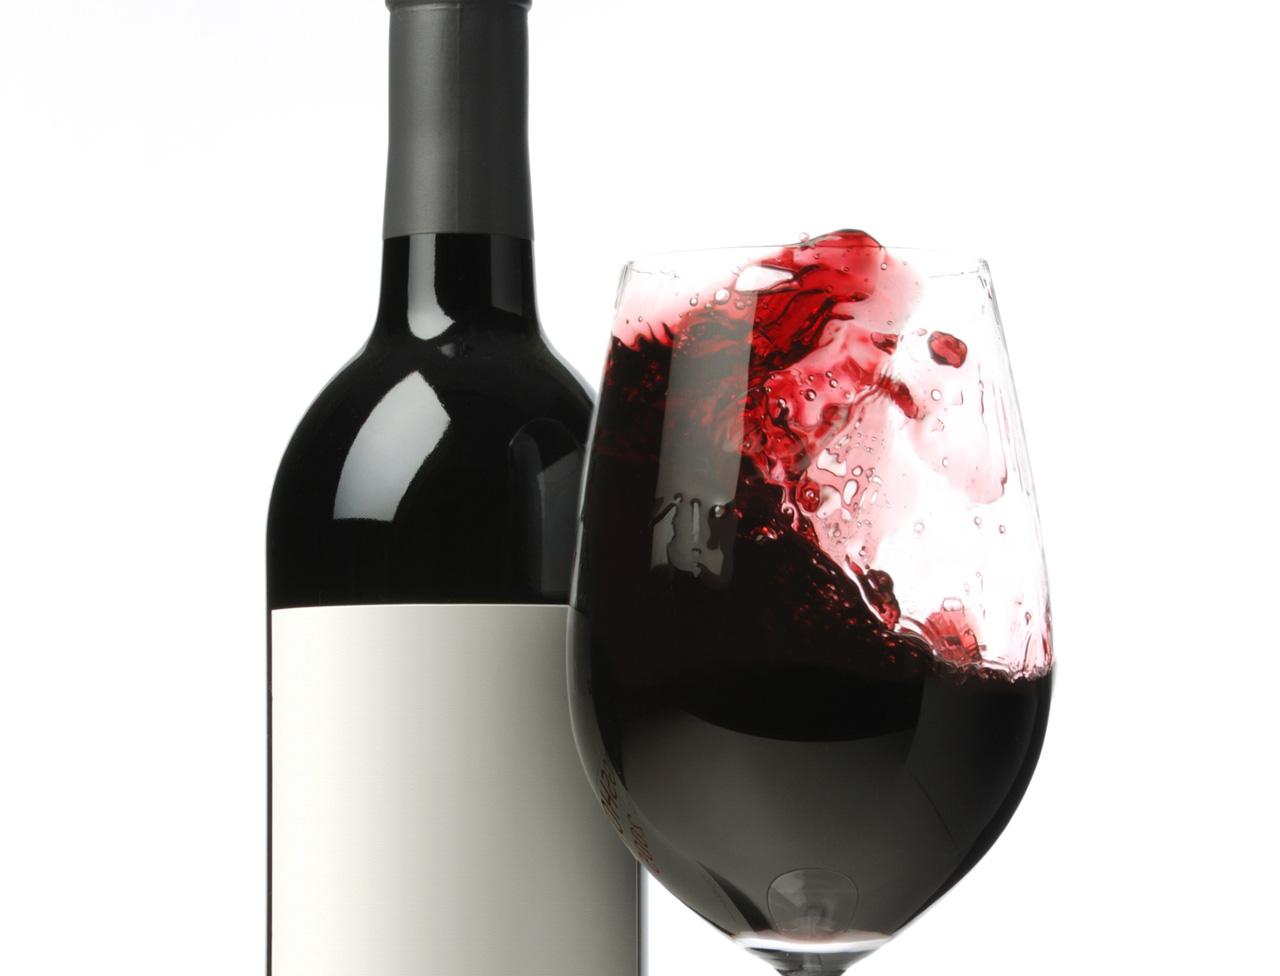 Cave à vin: cherchez les conditions idéales